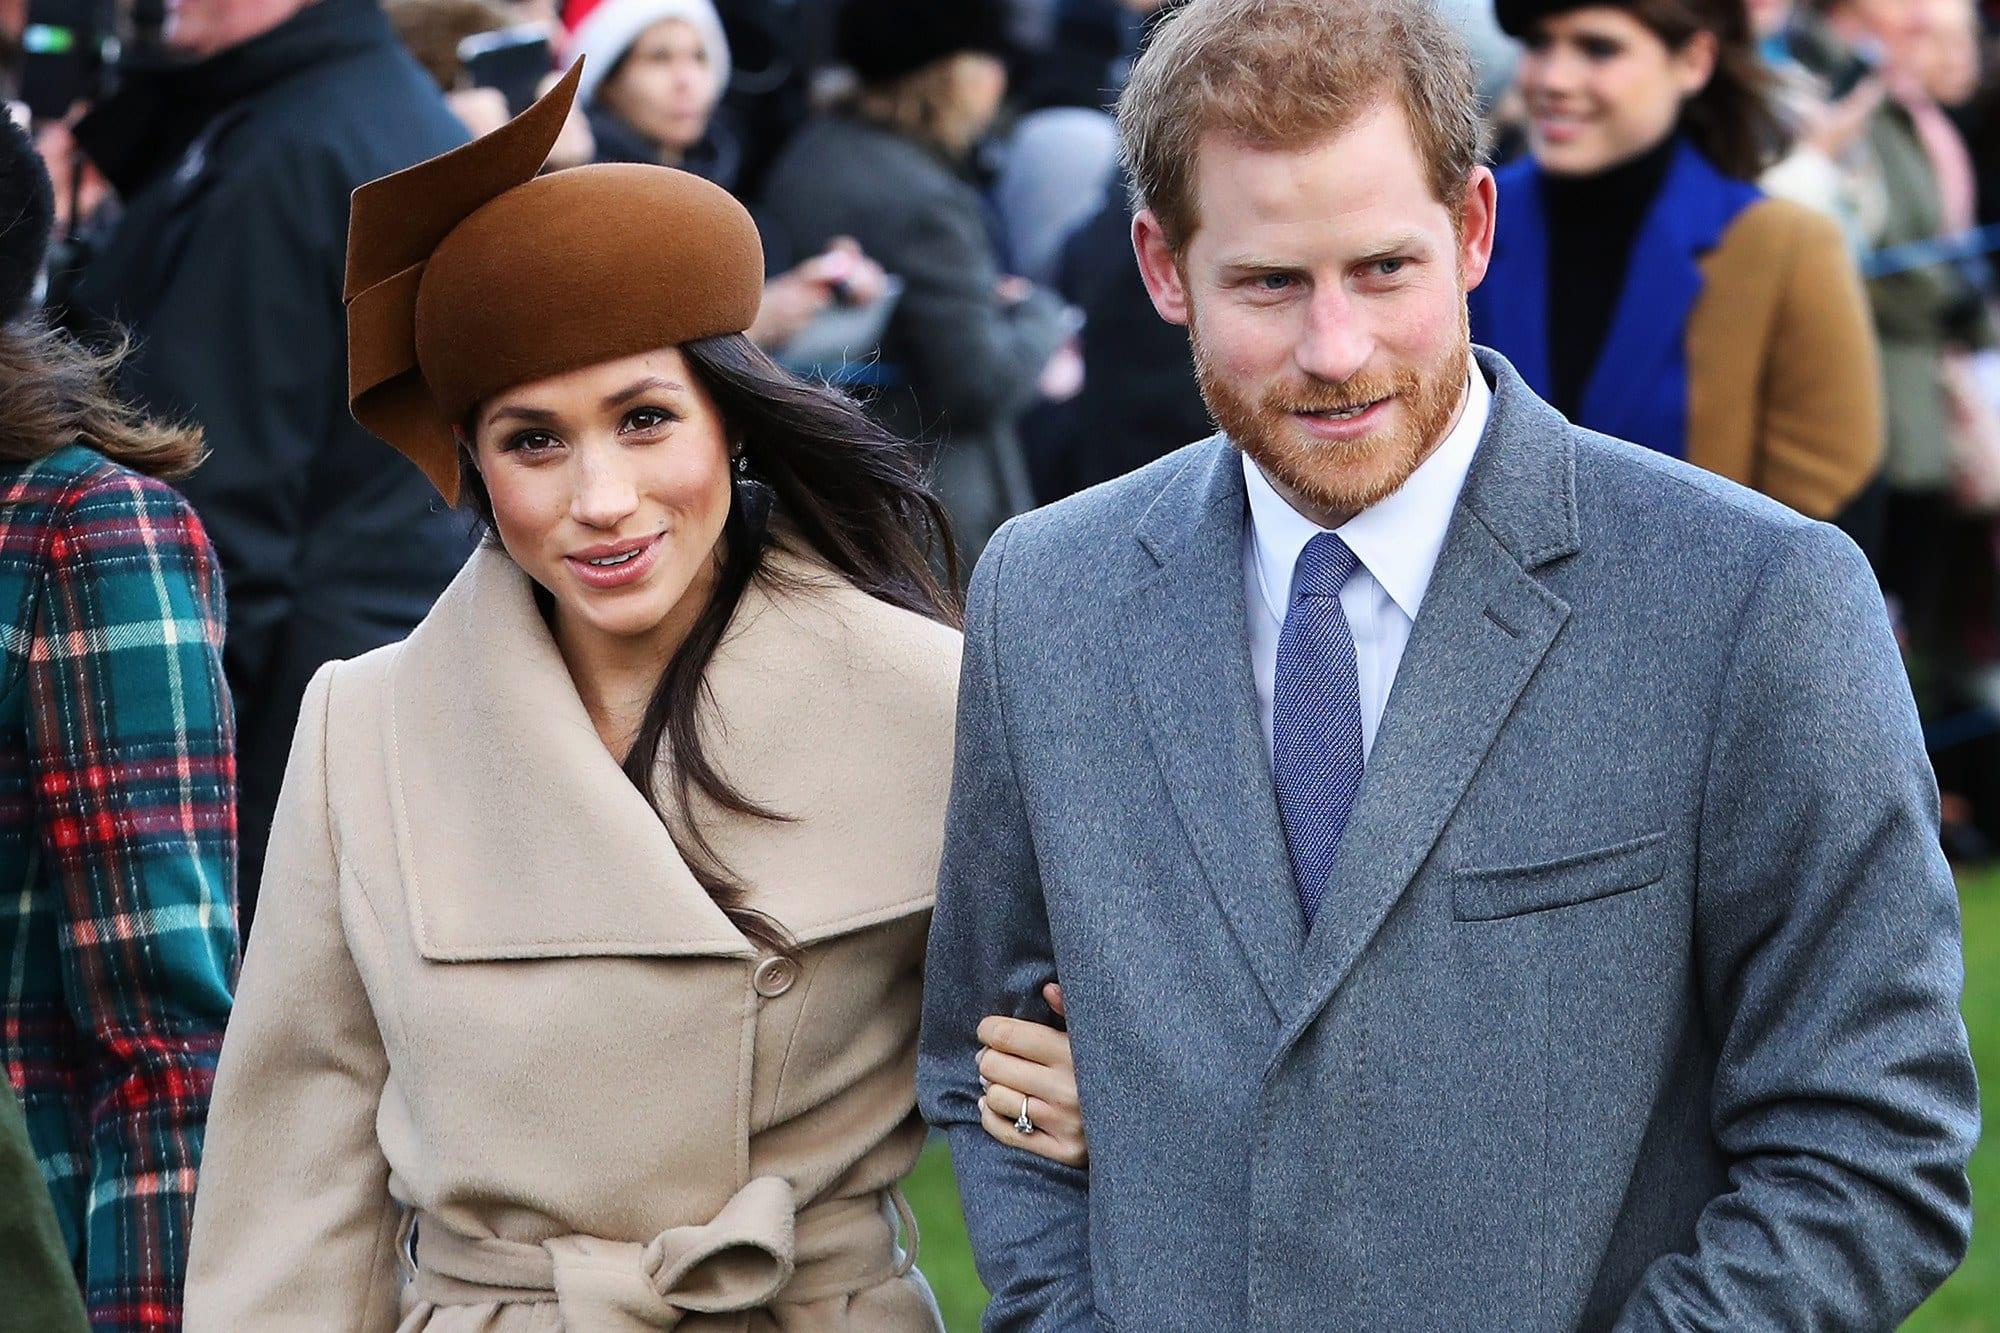 Principe Harry e Meghan Markle, un volo economy e vicino alle toilette per Capodanno